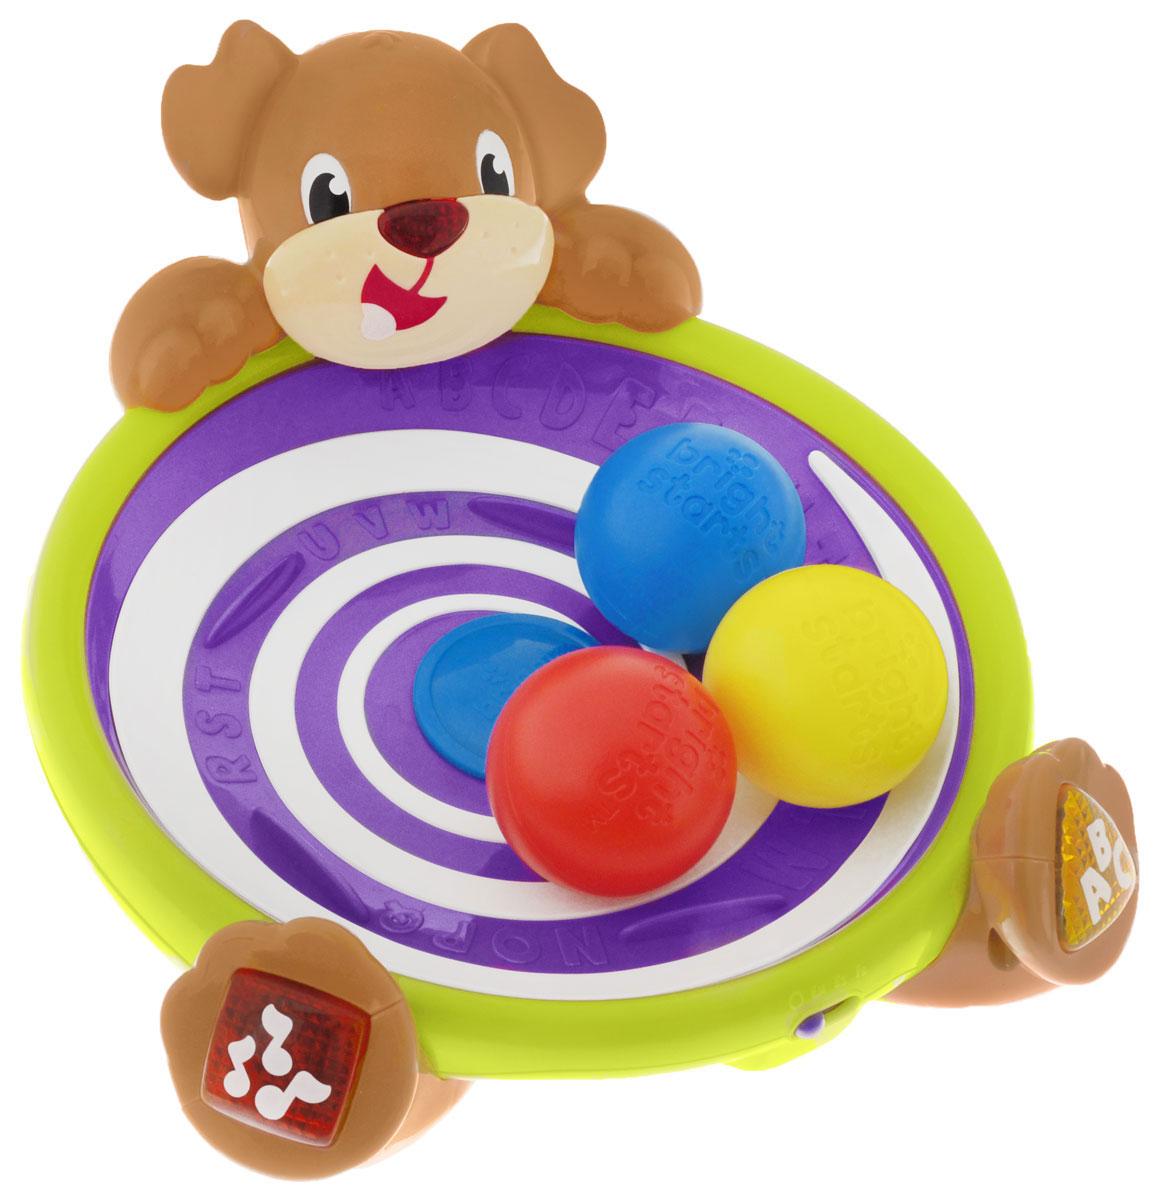 Bright Starts Развивающая игрушка Игривый щенок52176Развивающая игрушка Игривый щенок привлечет внимание вашего малыша и не оставит его равнодушным. Игрушка выполнена из прочного безопасного пластика ярких цветов. Игрушка в виде глубокой чаши и трех разноцветных шариков, которые легко хватать маленькими ручками. При включении игры, внутренняя чаша начинает крутиться, шарики бегают по кругу и вылетают из чаши. Задача малыша - их поймать и снова начать игру. Во время работы из игрушки звучат песенки или английский алфавит, в зависимости от выбранного режима. Существуют два способа активировать игру: нажать кнопочки на лапках щенка или нажать на дно чаши. Цветные фигурные кнопочки - для изучения цветов, фигур, букв или прослушивания мелодии. Игрушка Музыкальный светлячок поможет малышу развить цветовое и звуковое восприятие, хватательные рефлексы, мелкую моторику рук и координацию движений. Рекомендуется докупить 2 батарейки типа АА (комплектуется демонстрационными).